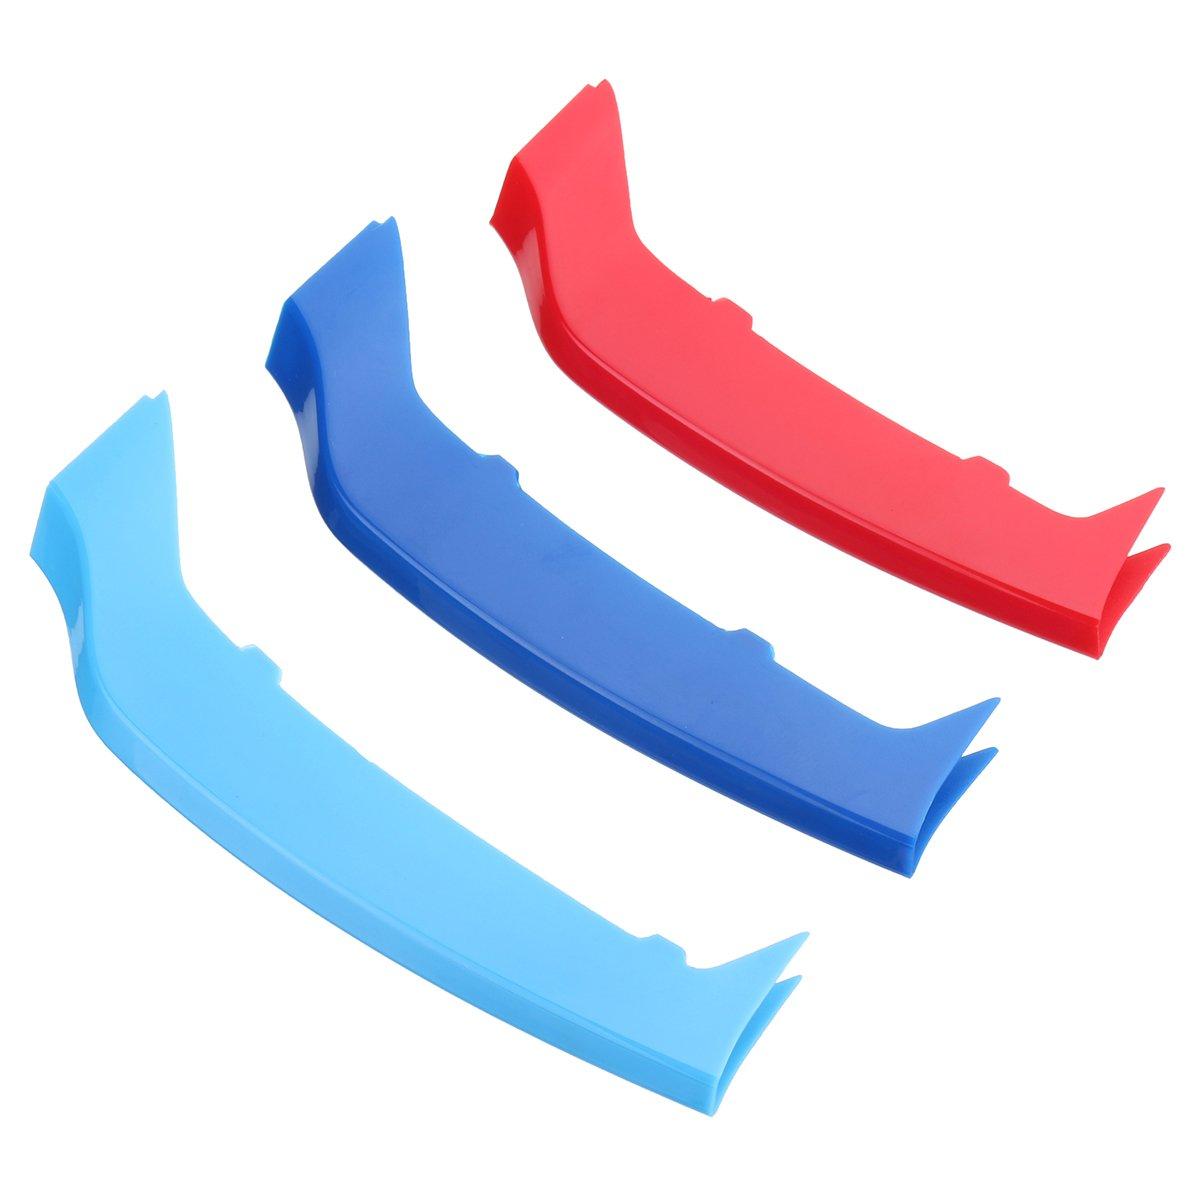 Forspero Tri Colore Griglia Anteriore Copertura Trim Striscia Per Bmw Serie 4 F32 F33 14-17